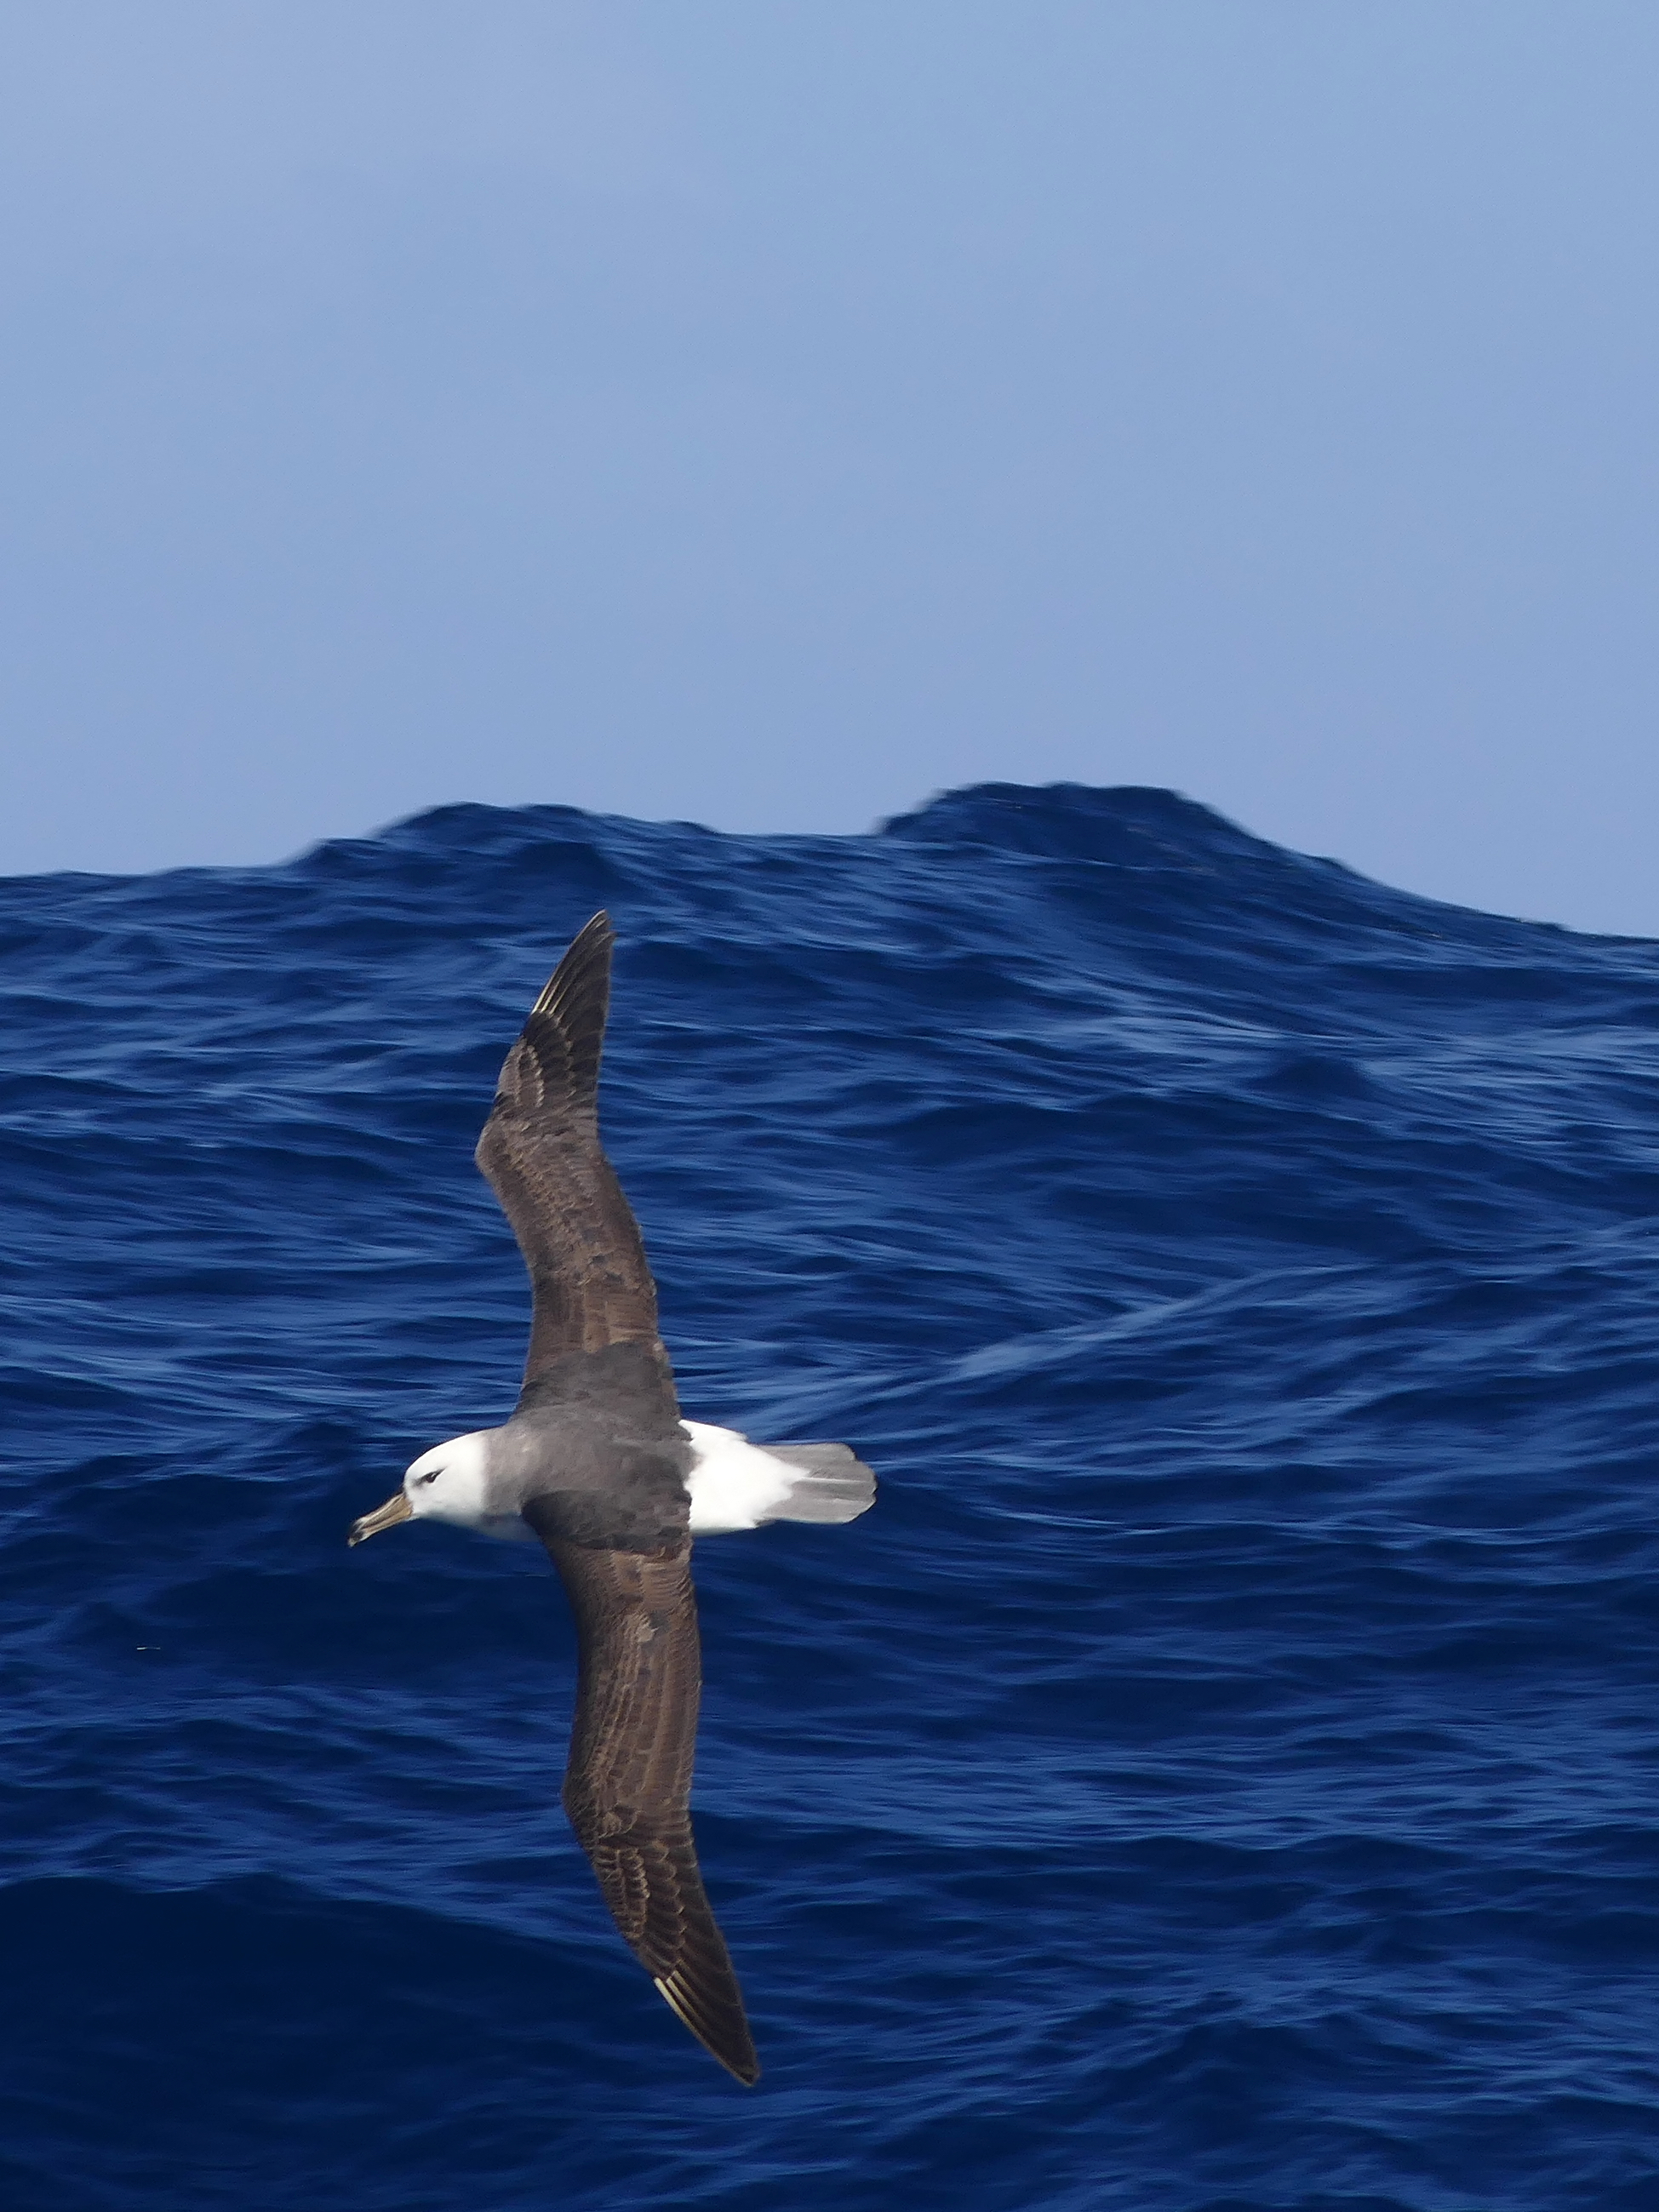 albatross, black-browed, South Atlantic